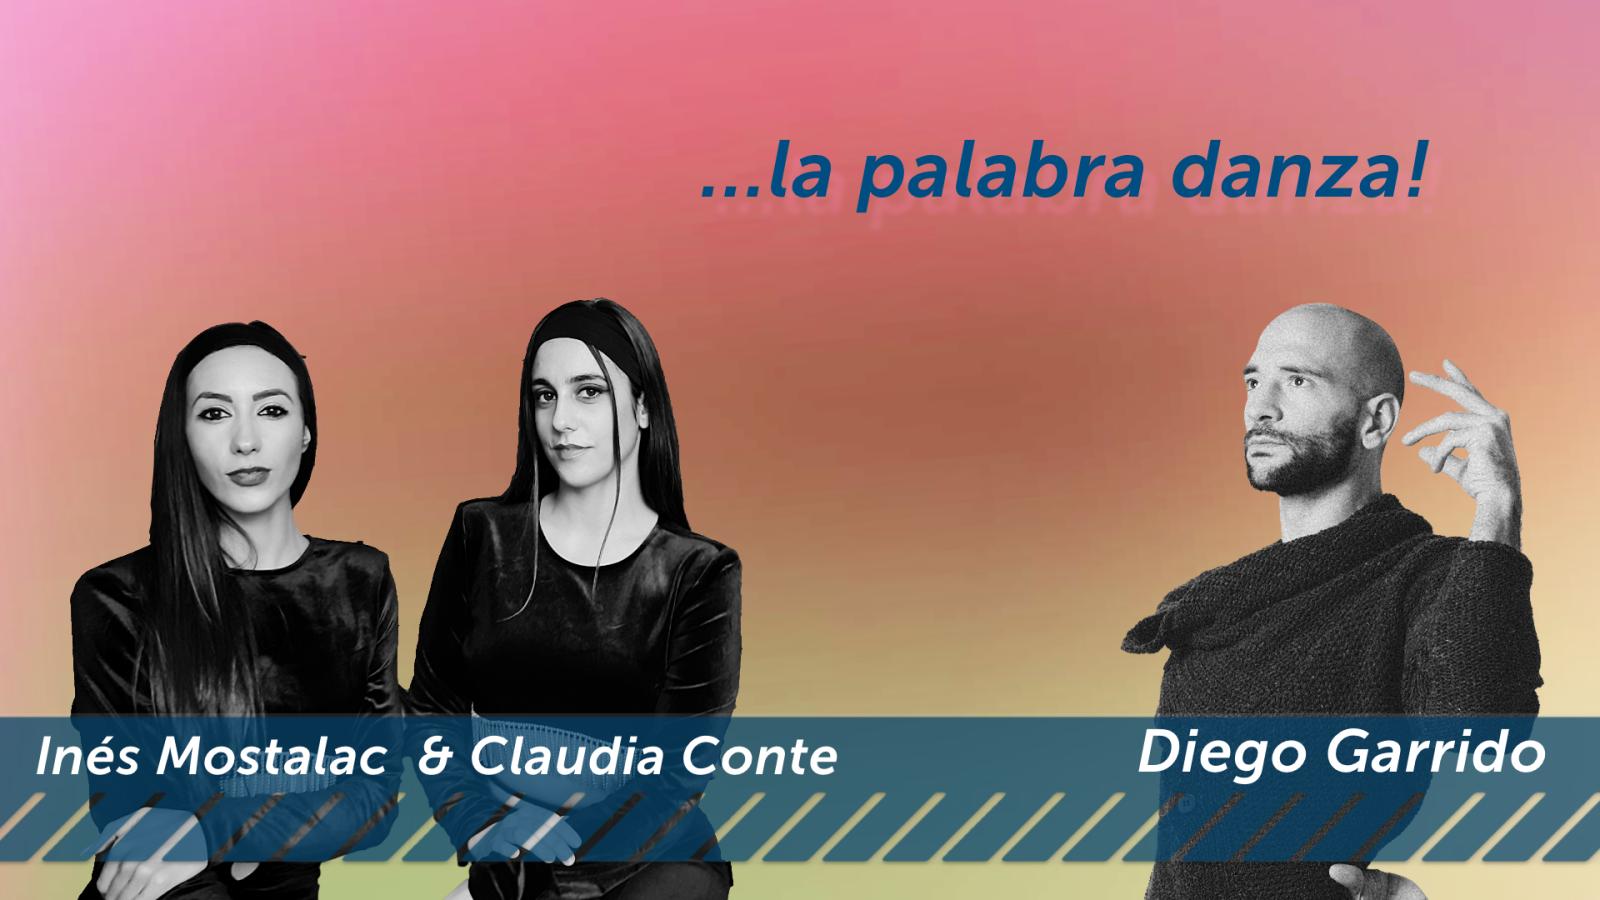 Buzón de Baile - Diego Garrido e Inés Mostalac & Claudia Conte - ver ahora